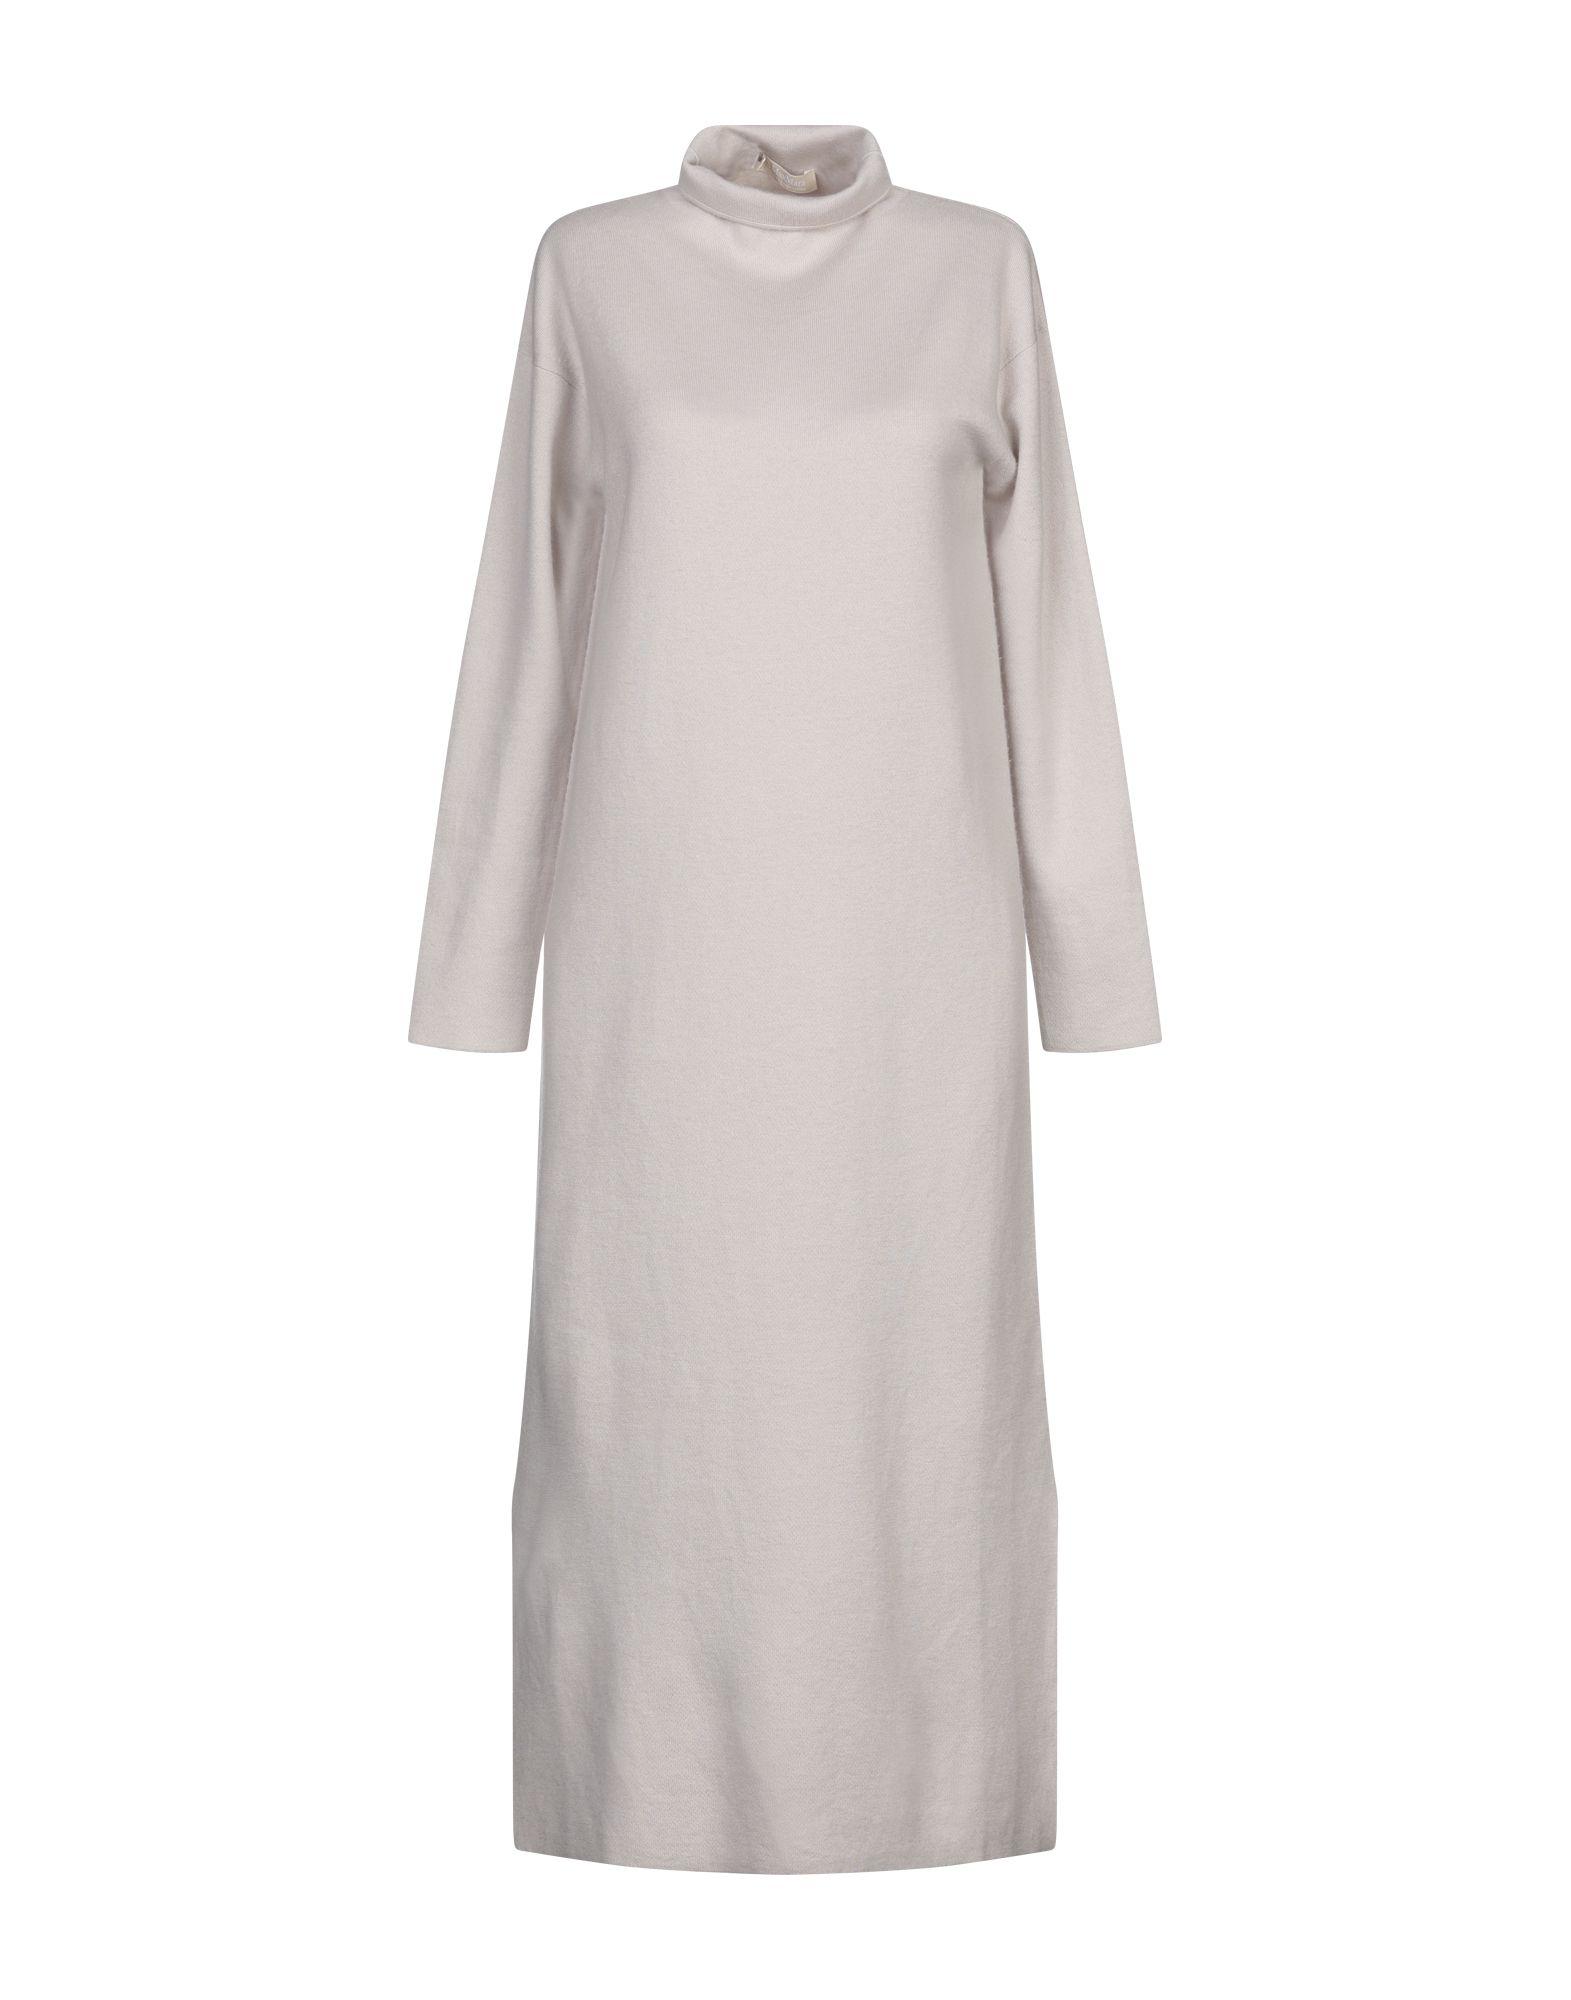 'S MAX MARA Платье длиной 3/4 кровать трансформер скв компани скв 5 с маятником орех 534037